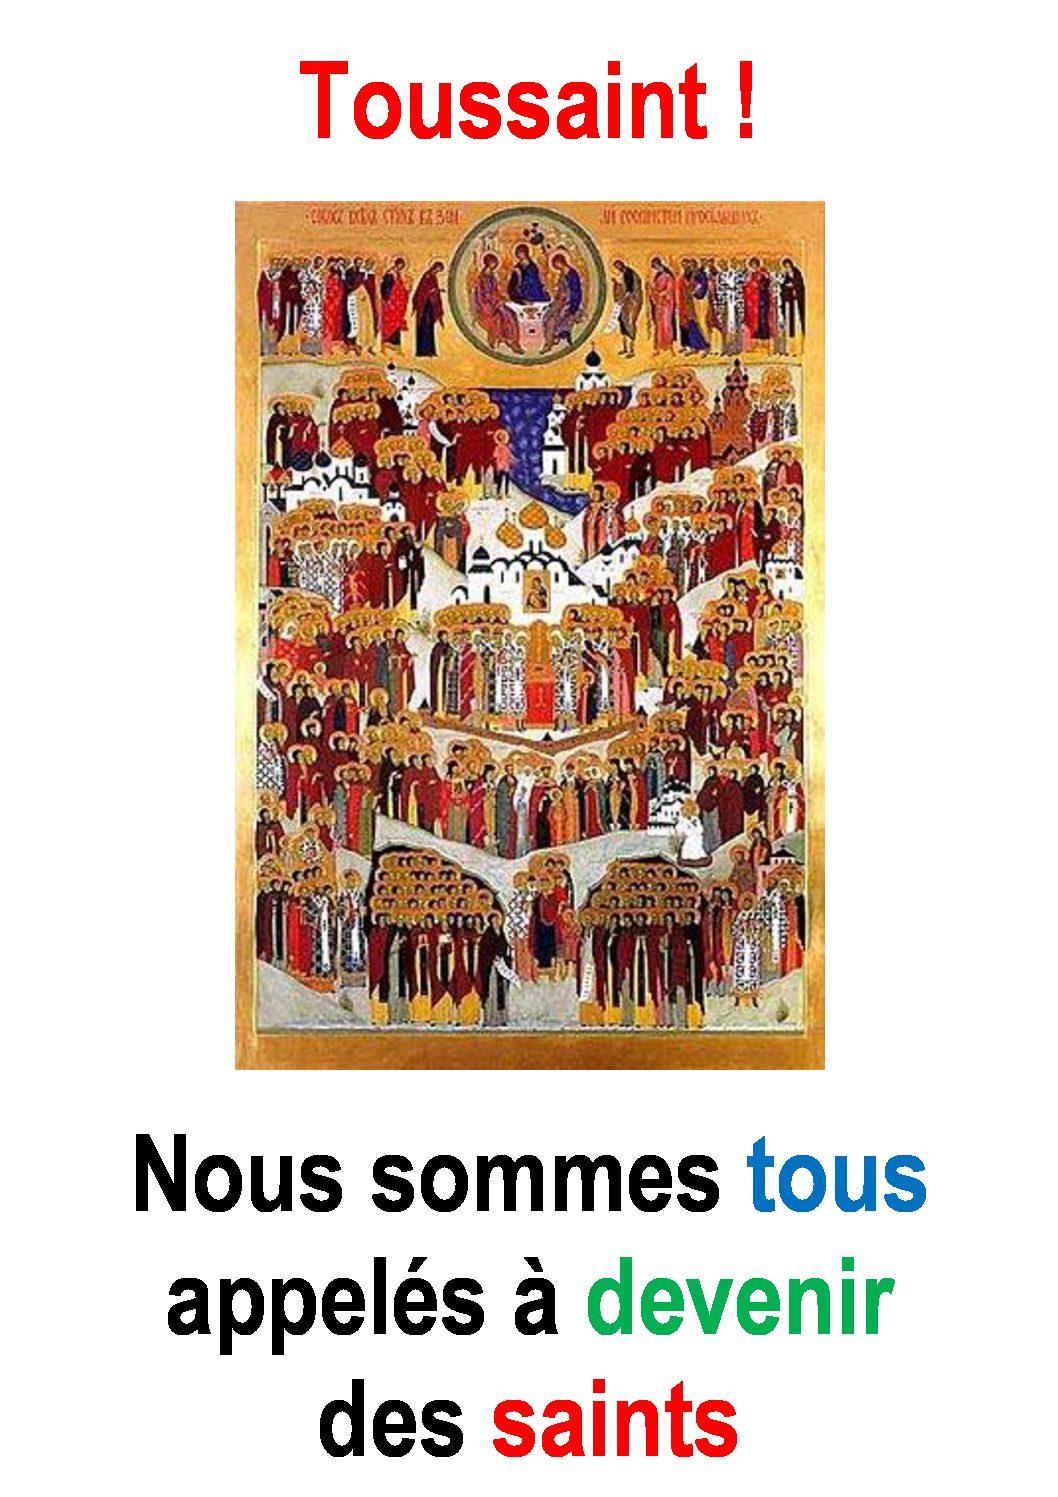 Solennité de la Toussaint – par Francis COUSIN (Matth 5, 1-12)